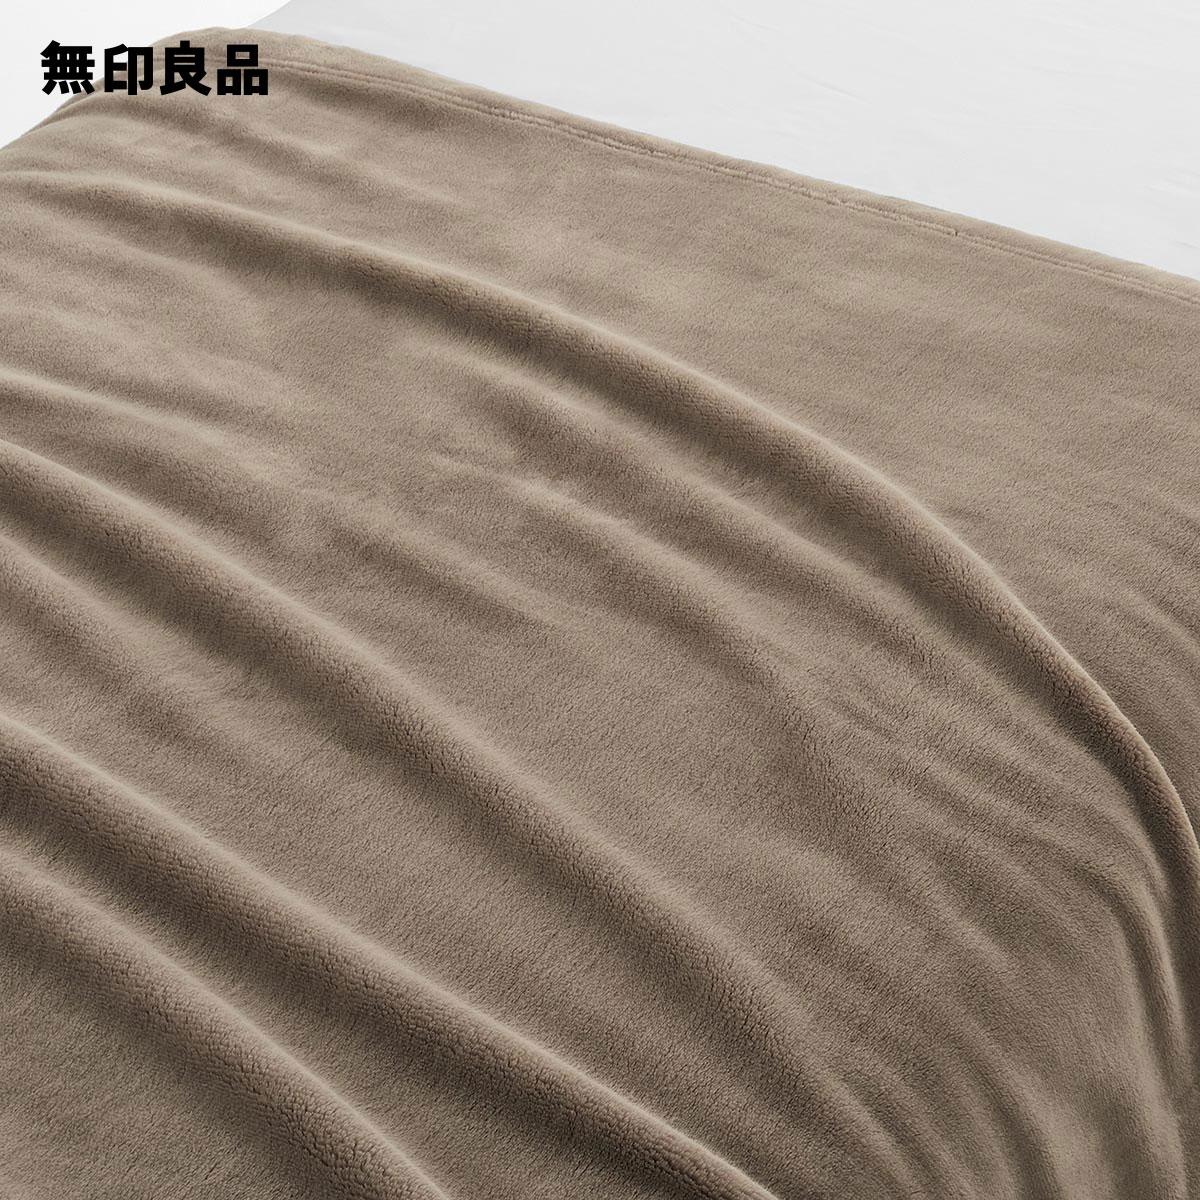 【無印良品 公式】あたたかファイバームレにくい厚手毛布・D/ベージュ 180×200cm